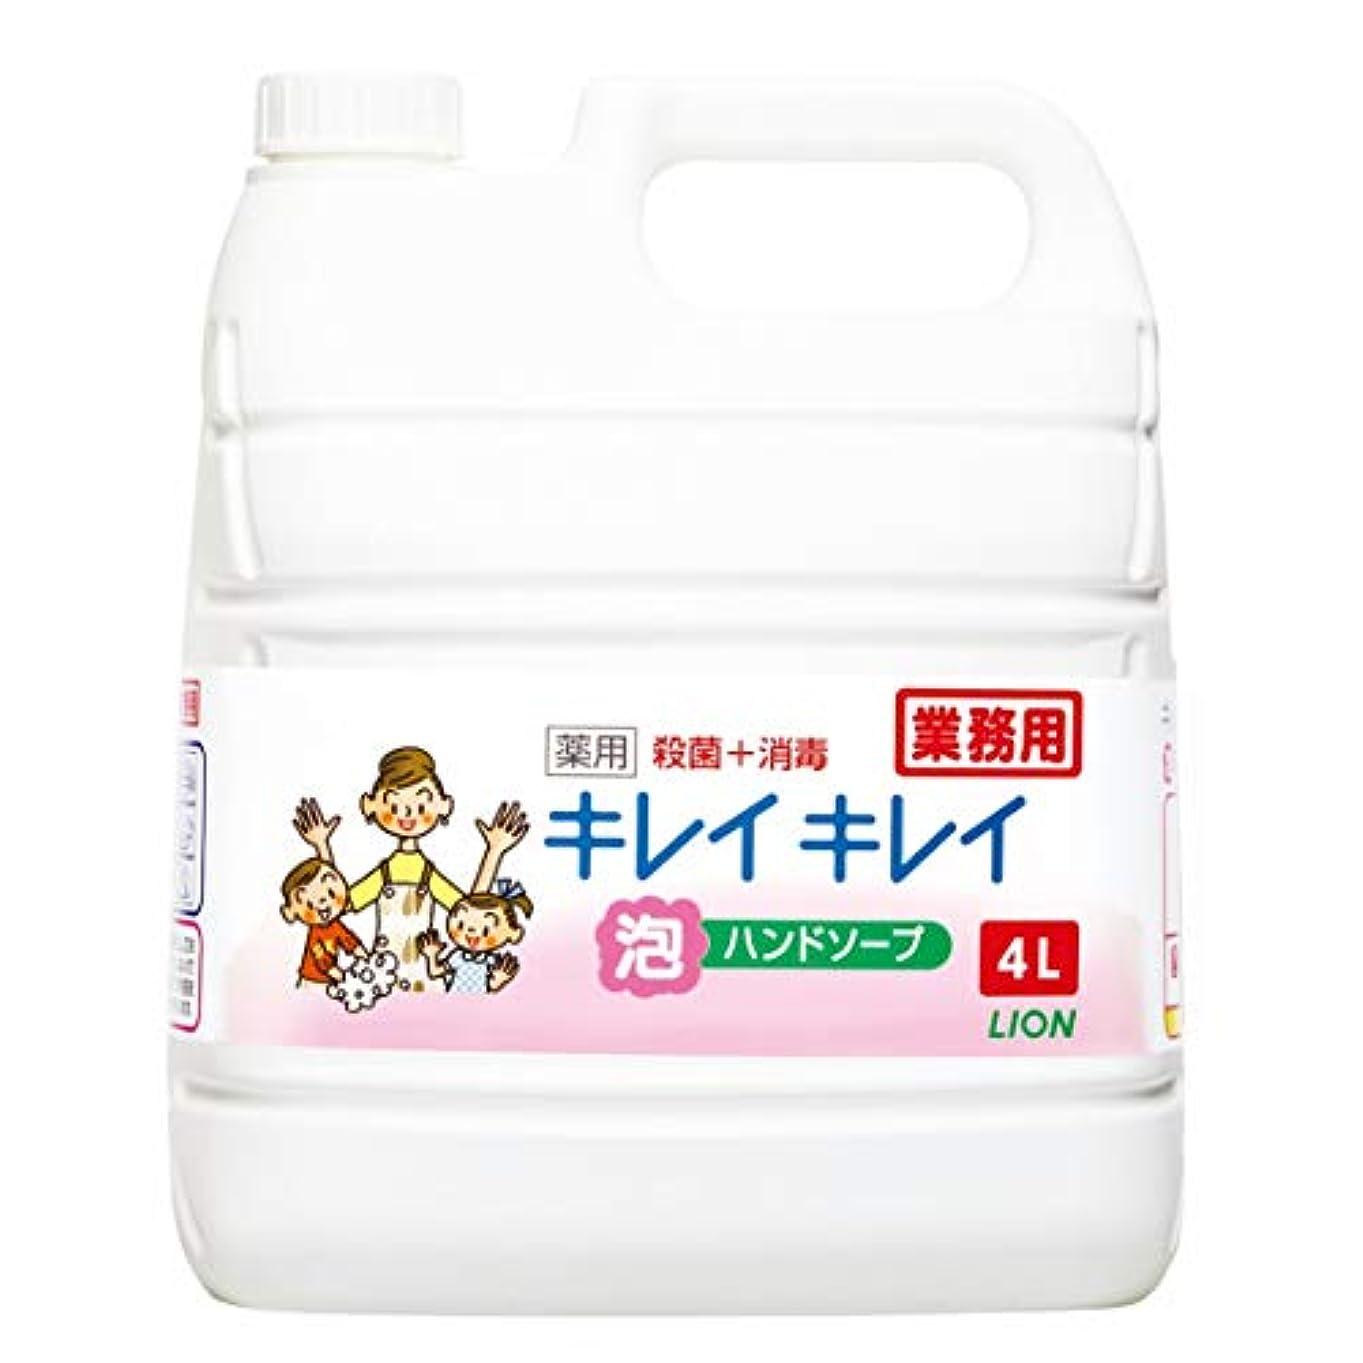 懲らしめヘア肉屋【業務用 大容量】キレイキレイ 薬用 泡ハンドソープ シトラスフルーティの香り 4L(医薬部外品)